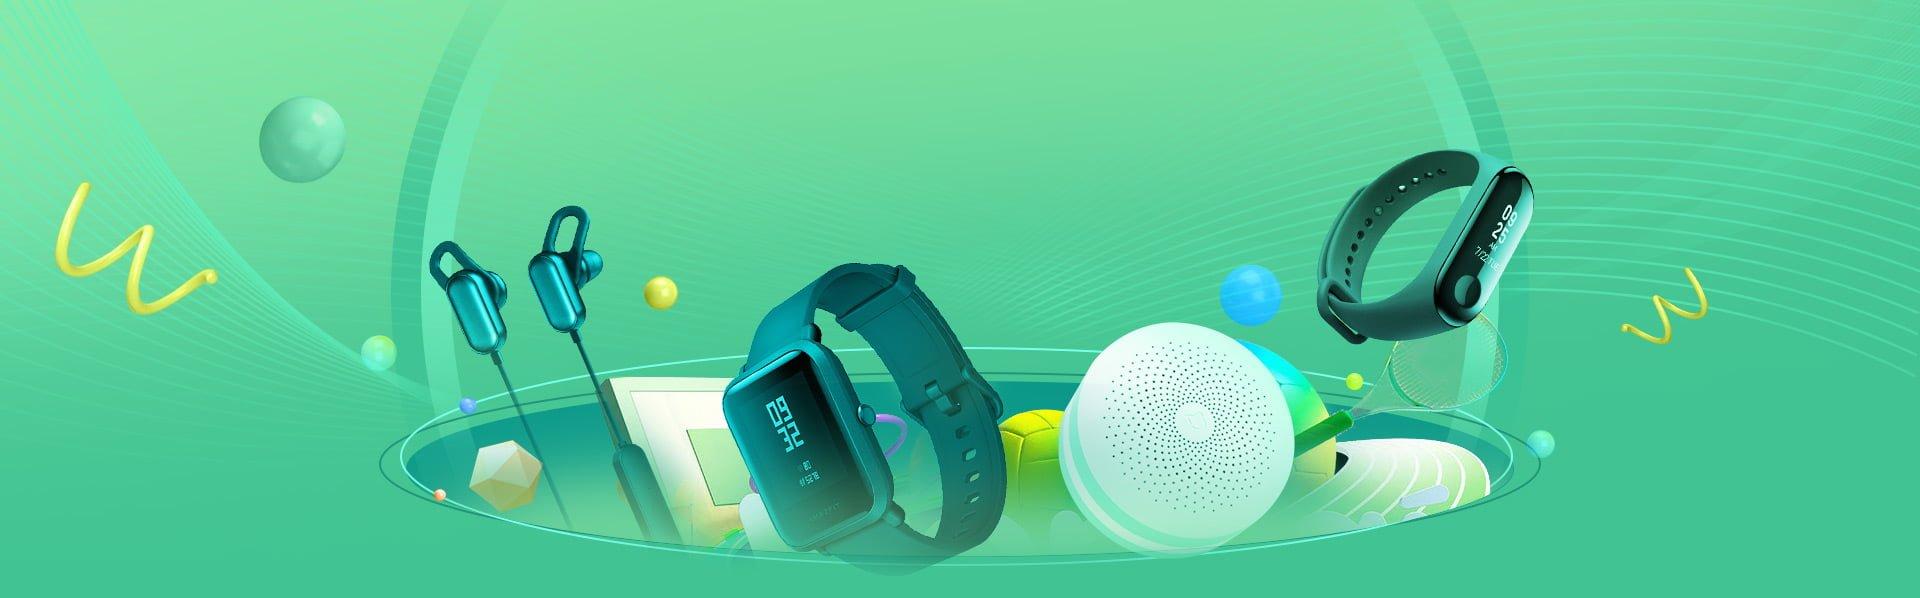 W najbliższy czwartek możecie spróbować kupić Xiaomi Mi Band 3 za 40 zł. Szykujcie się na walkę z botami 17